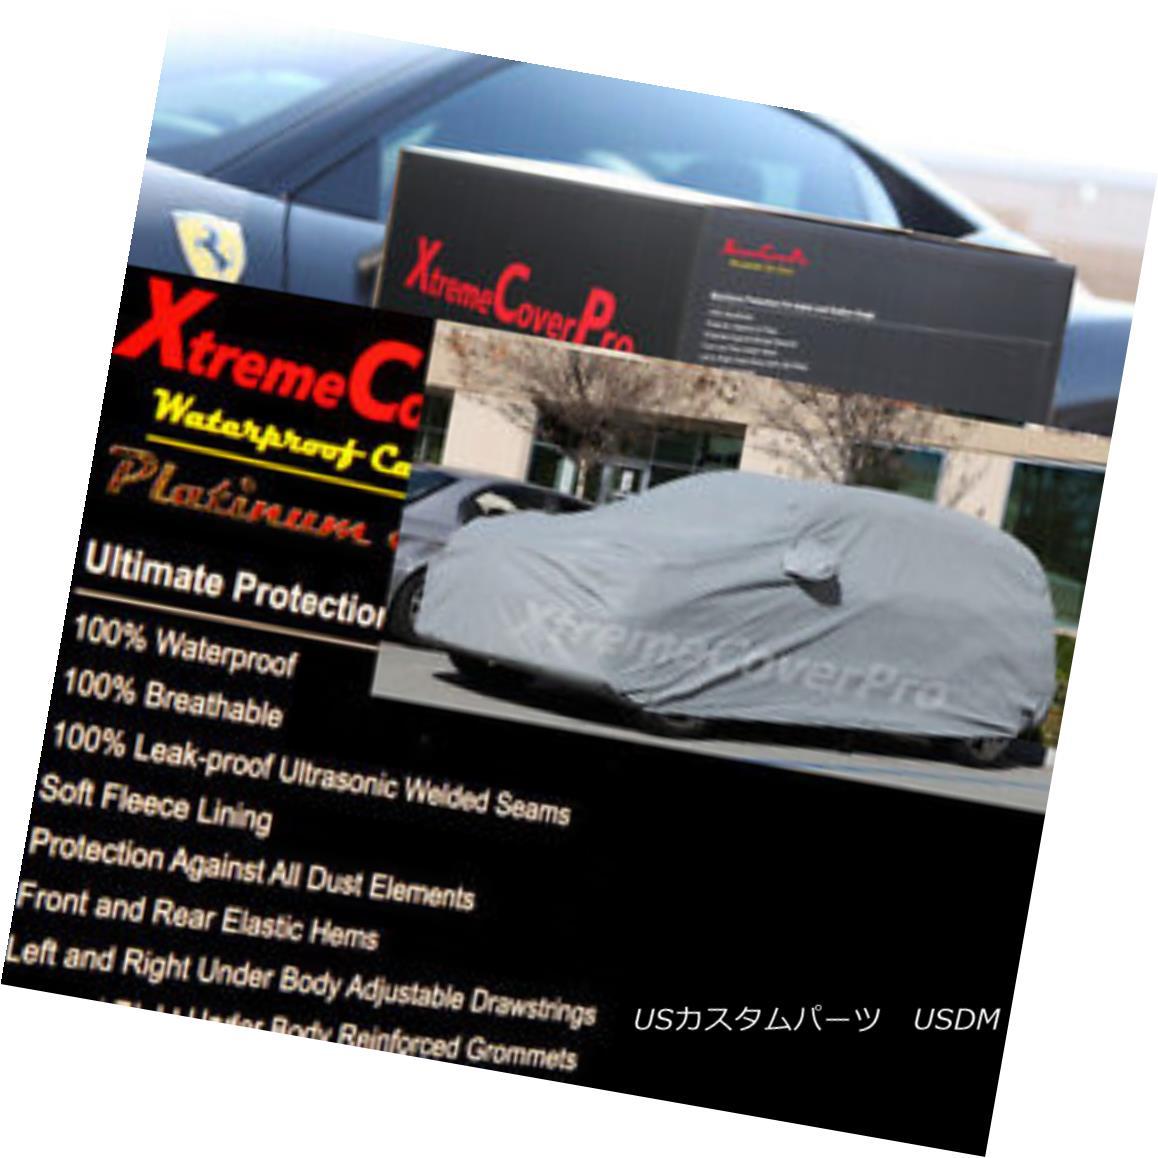 カーカバー 2011 2012 2013 Dodge Durango Waterproof Car Cover w/MirrorPocket 2011 2012 2013ダッジデュランゴ防水カーカバー付きMirrorPocket